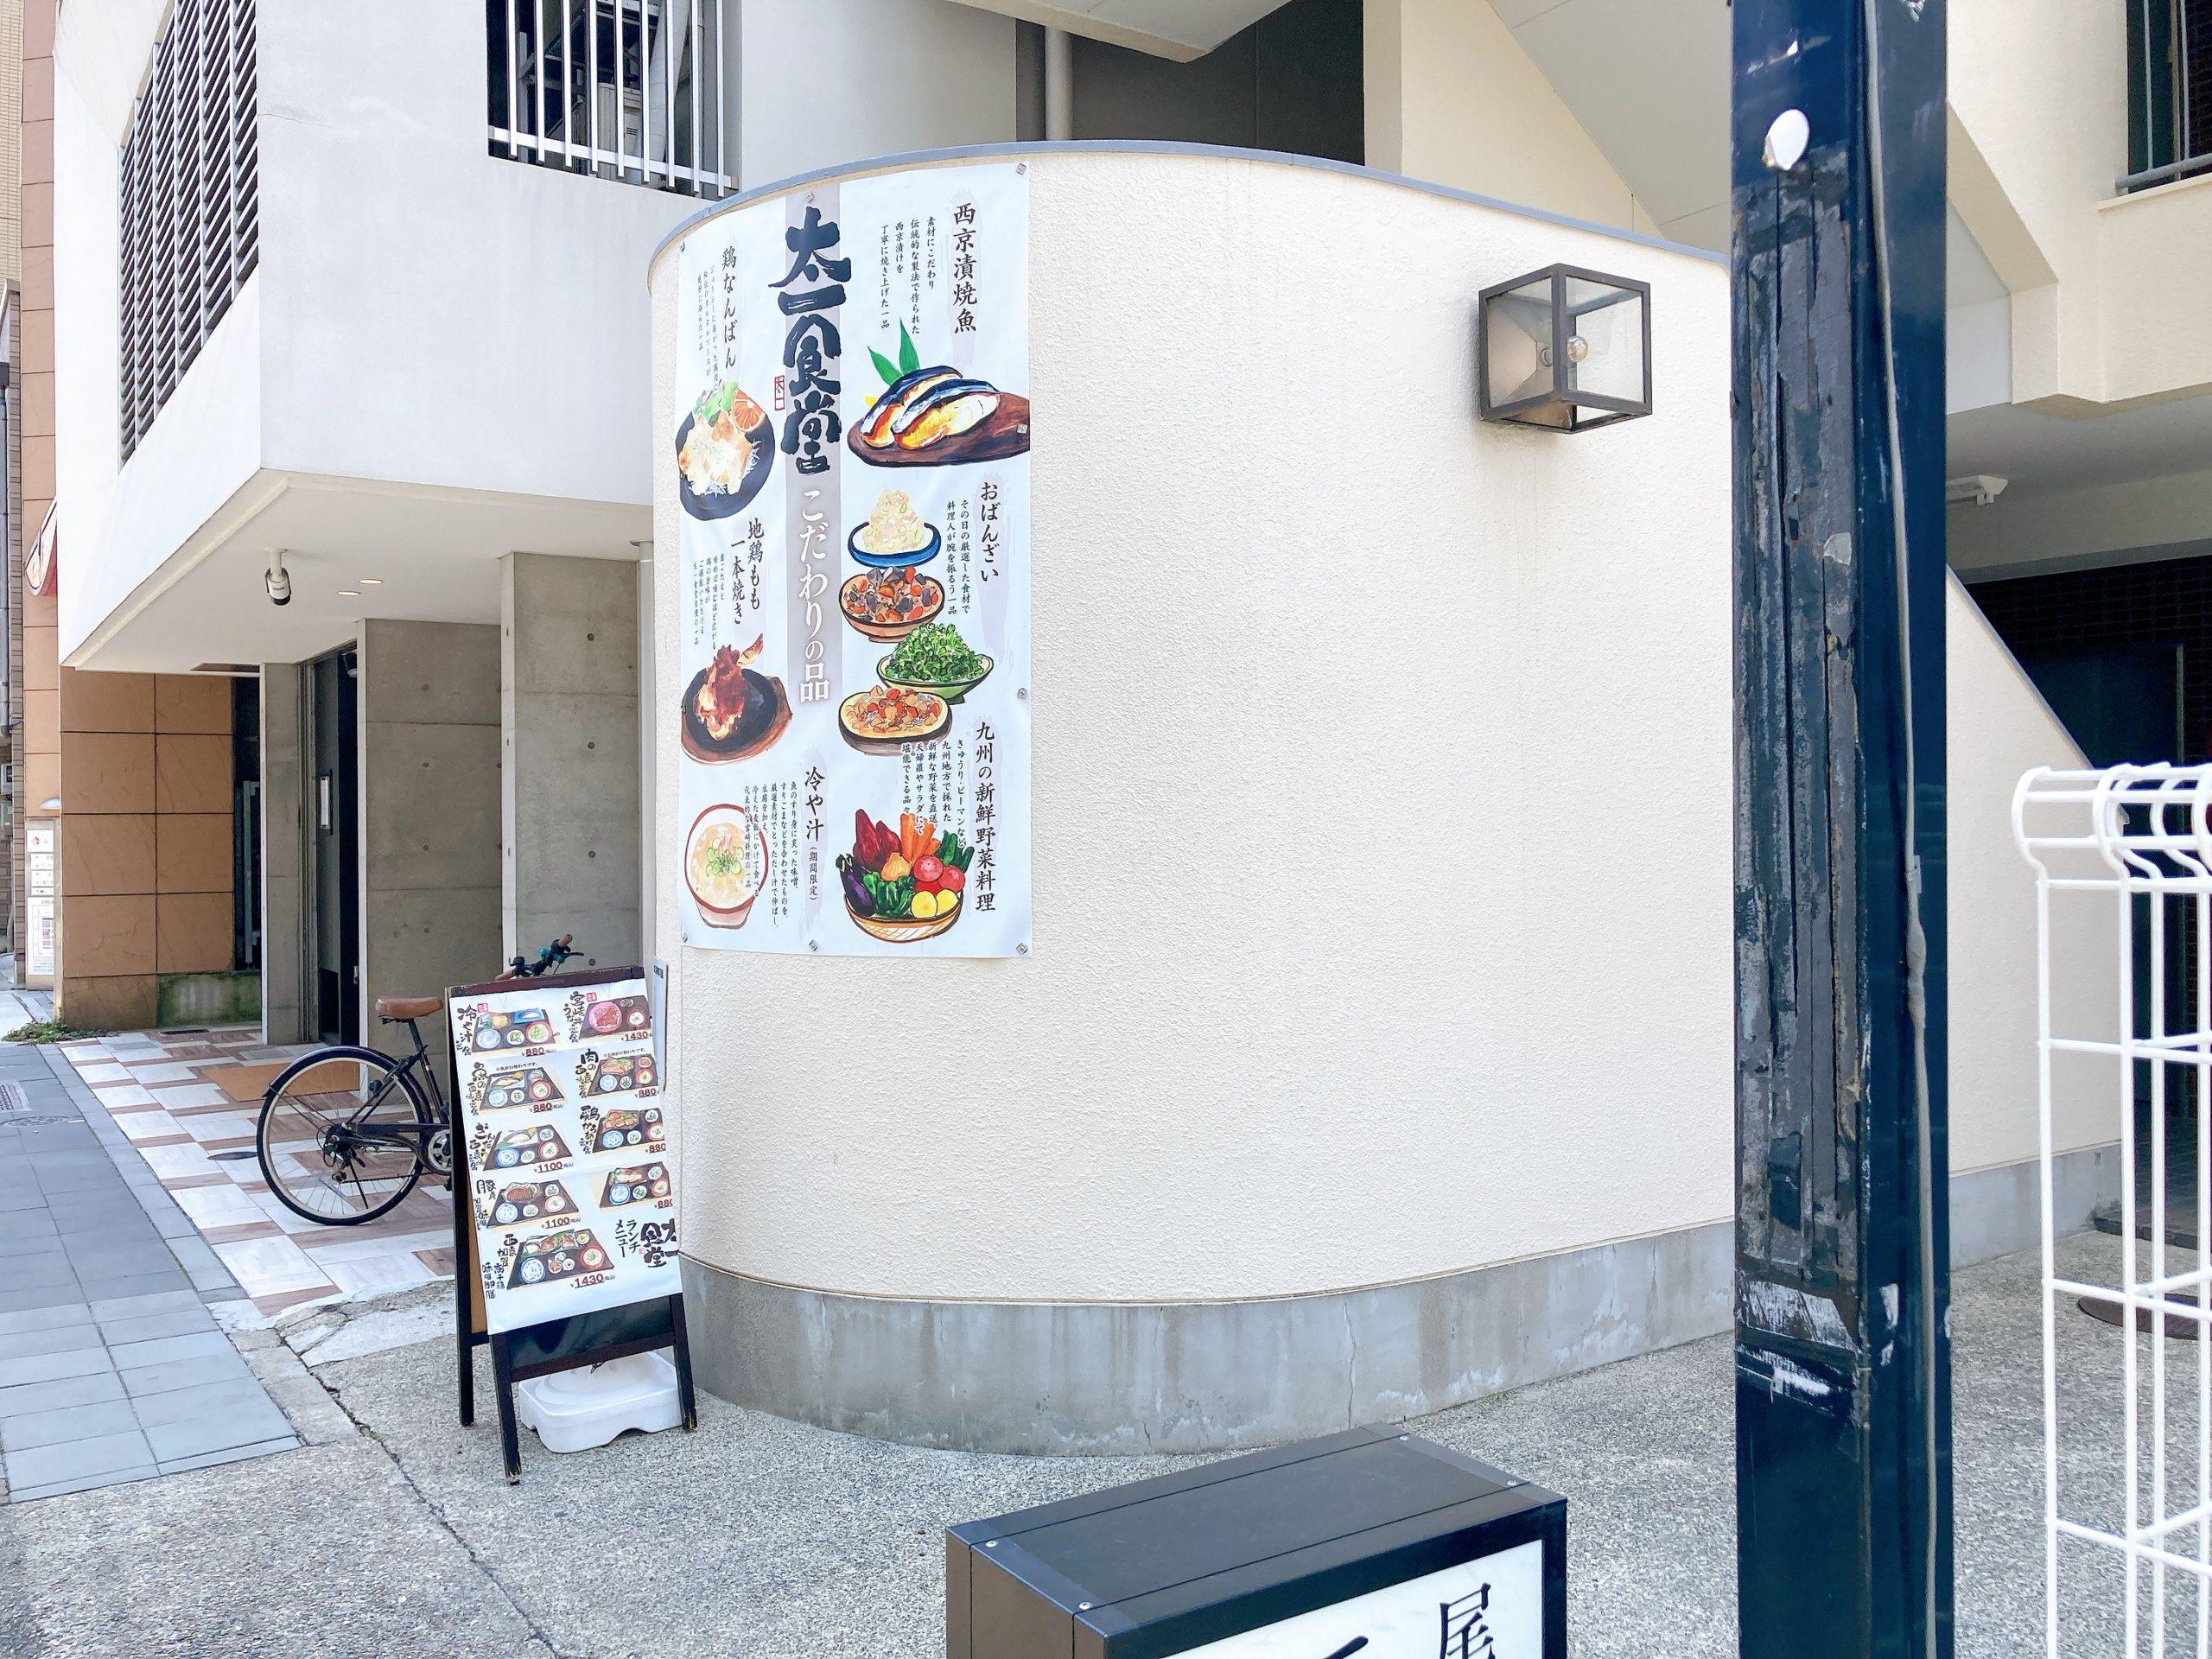 丸の内で魚ランチが美味しいお店